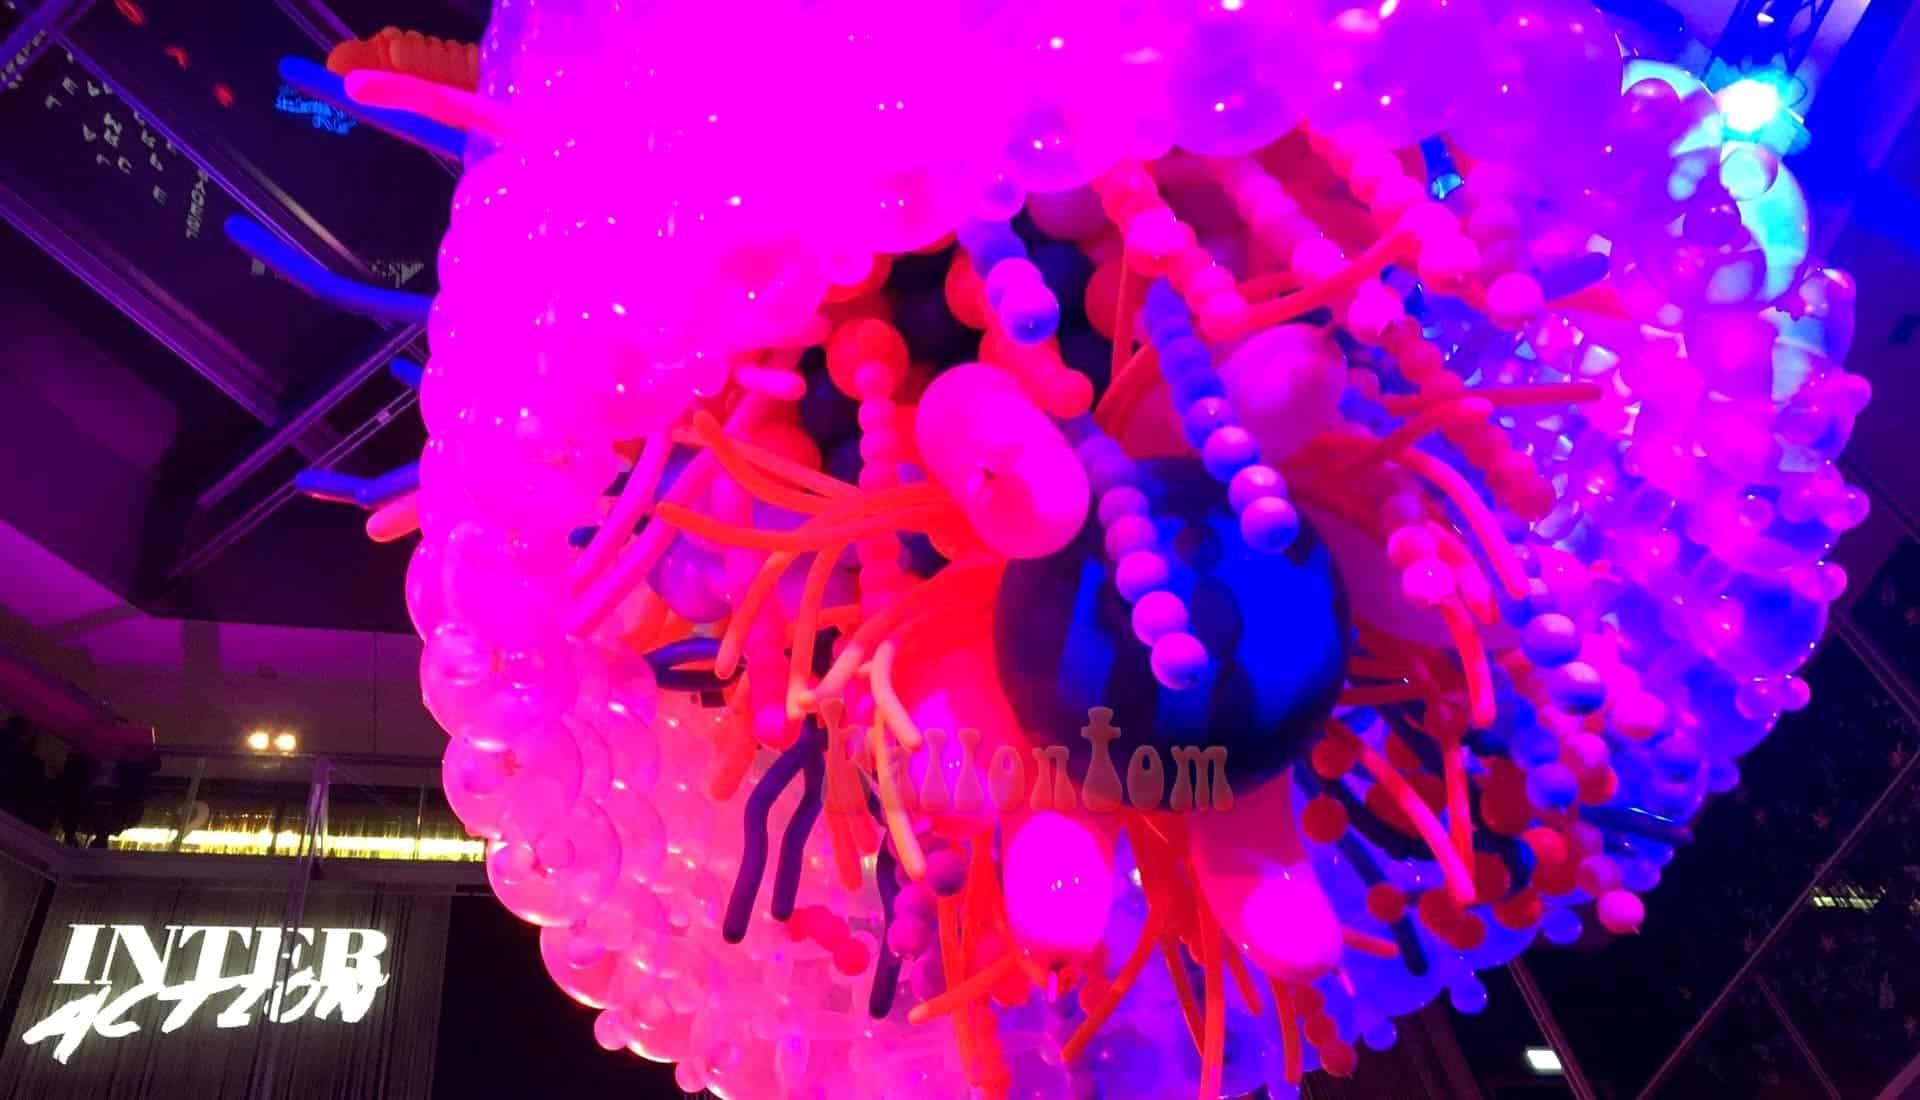 Ballonprojekt der Ballonkünstlerin Sina Greinert in München - Unterstützt von ballontom